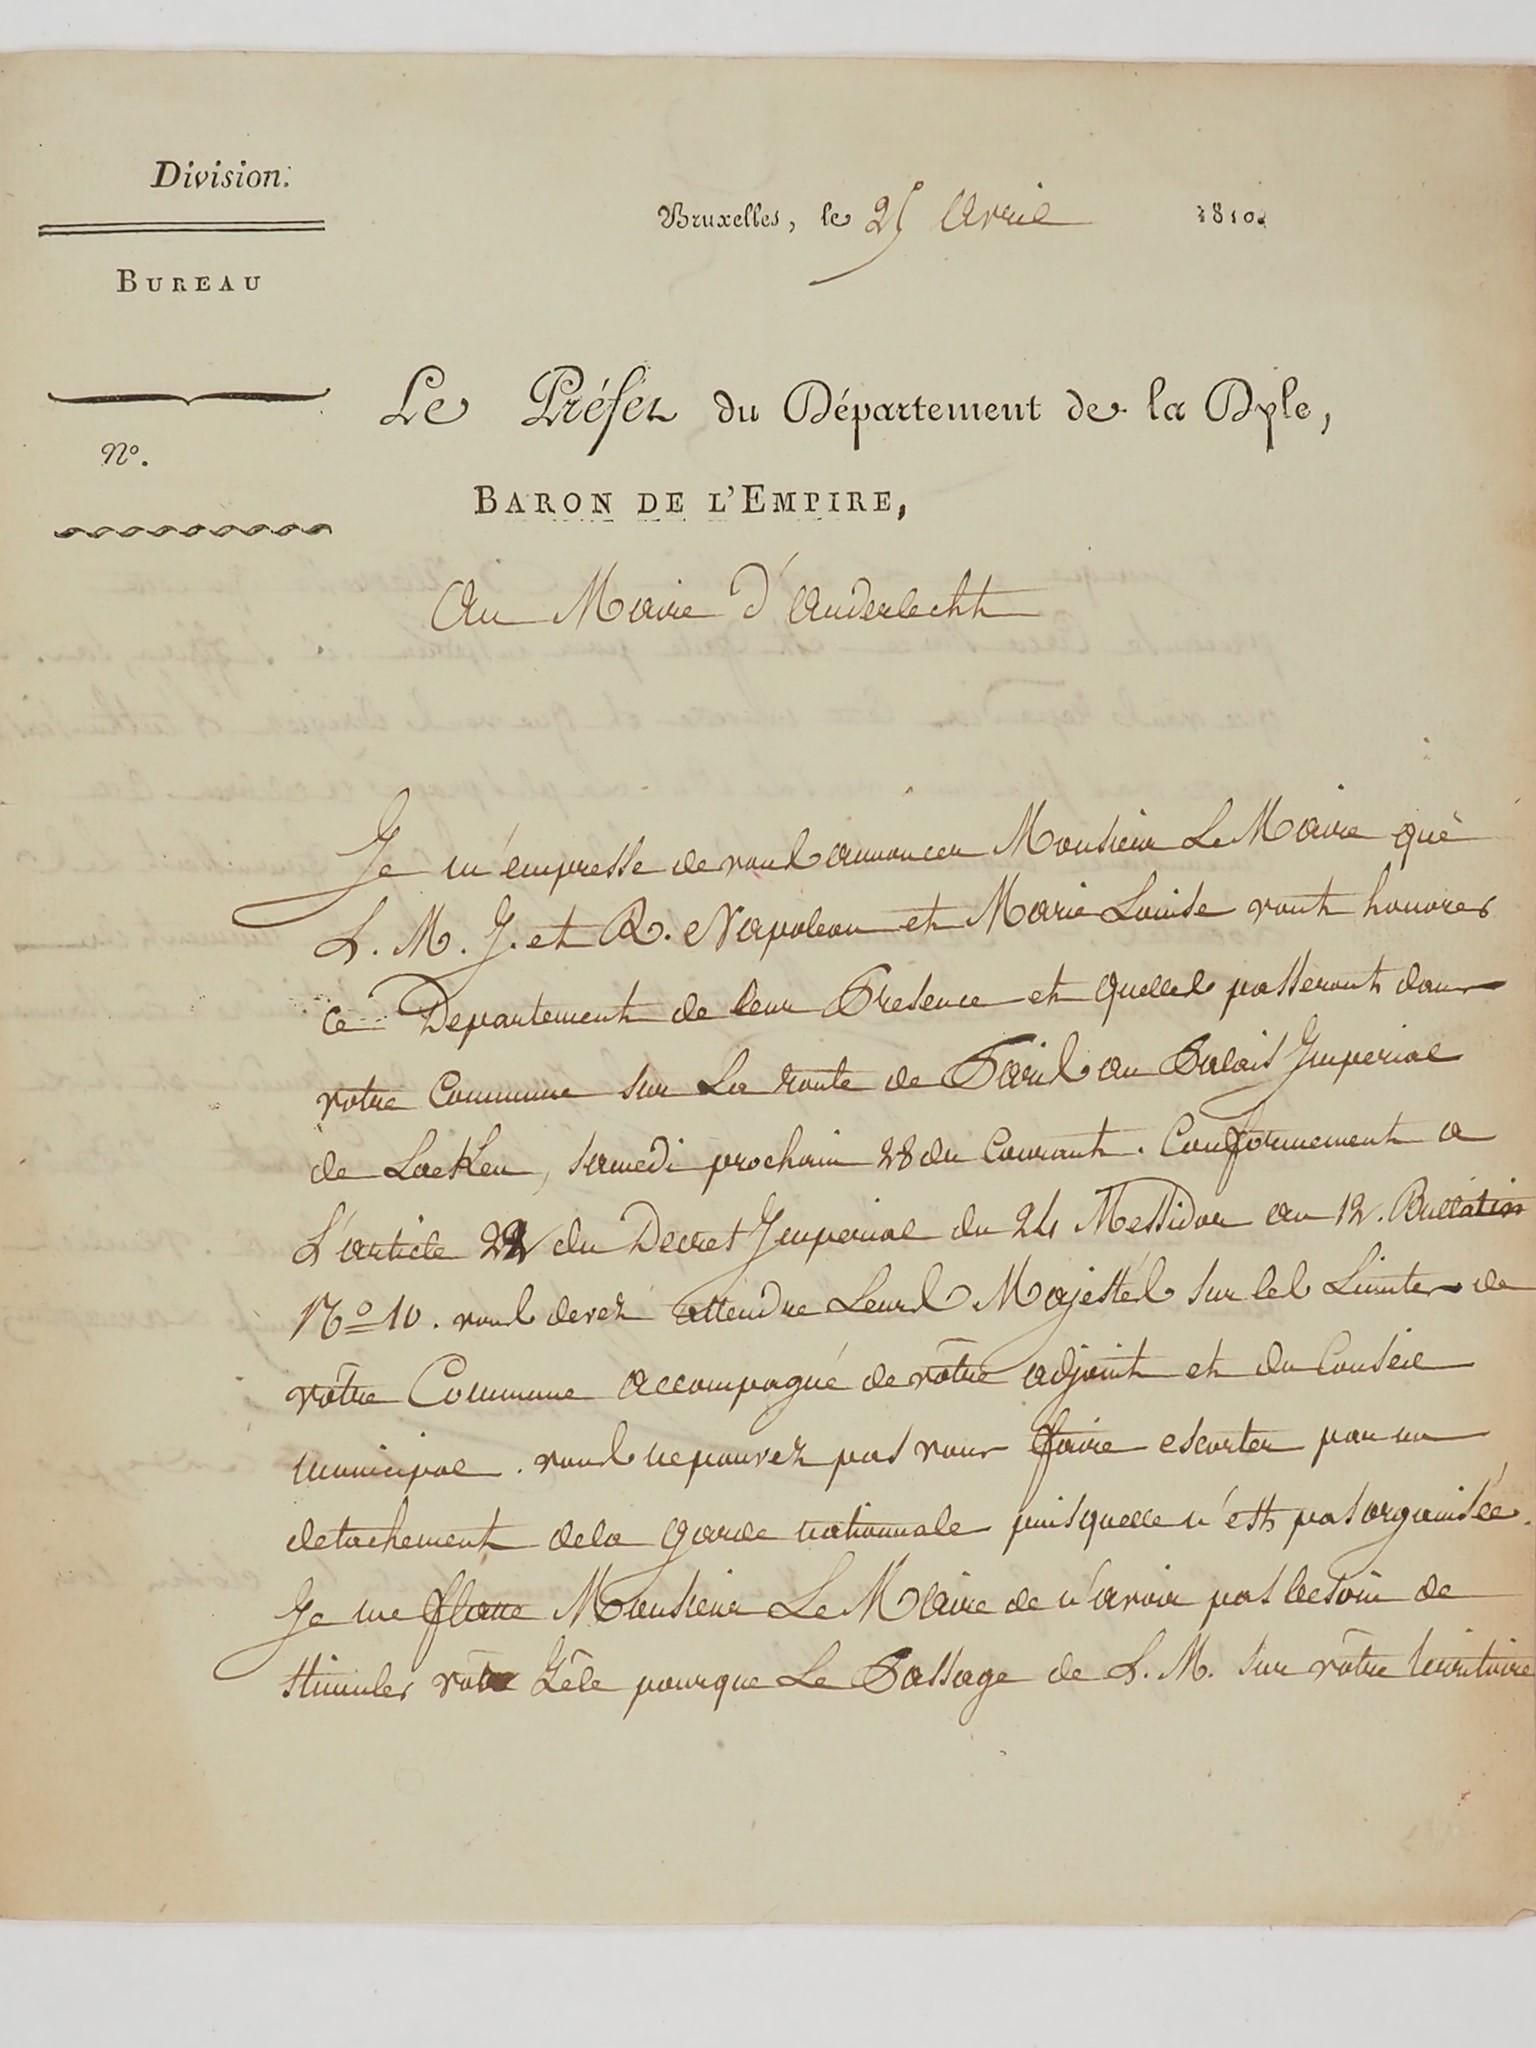 une lettre originale datée du 25 avril 1810 et relative à Napoléon.